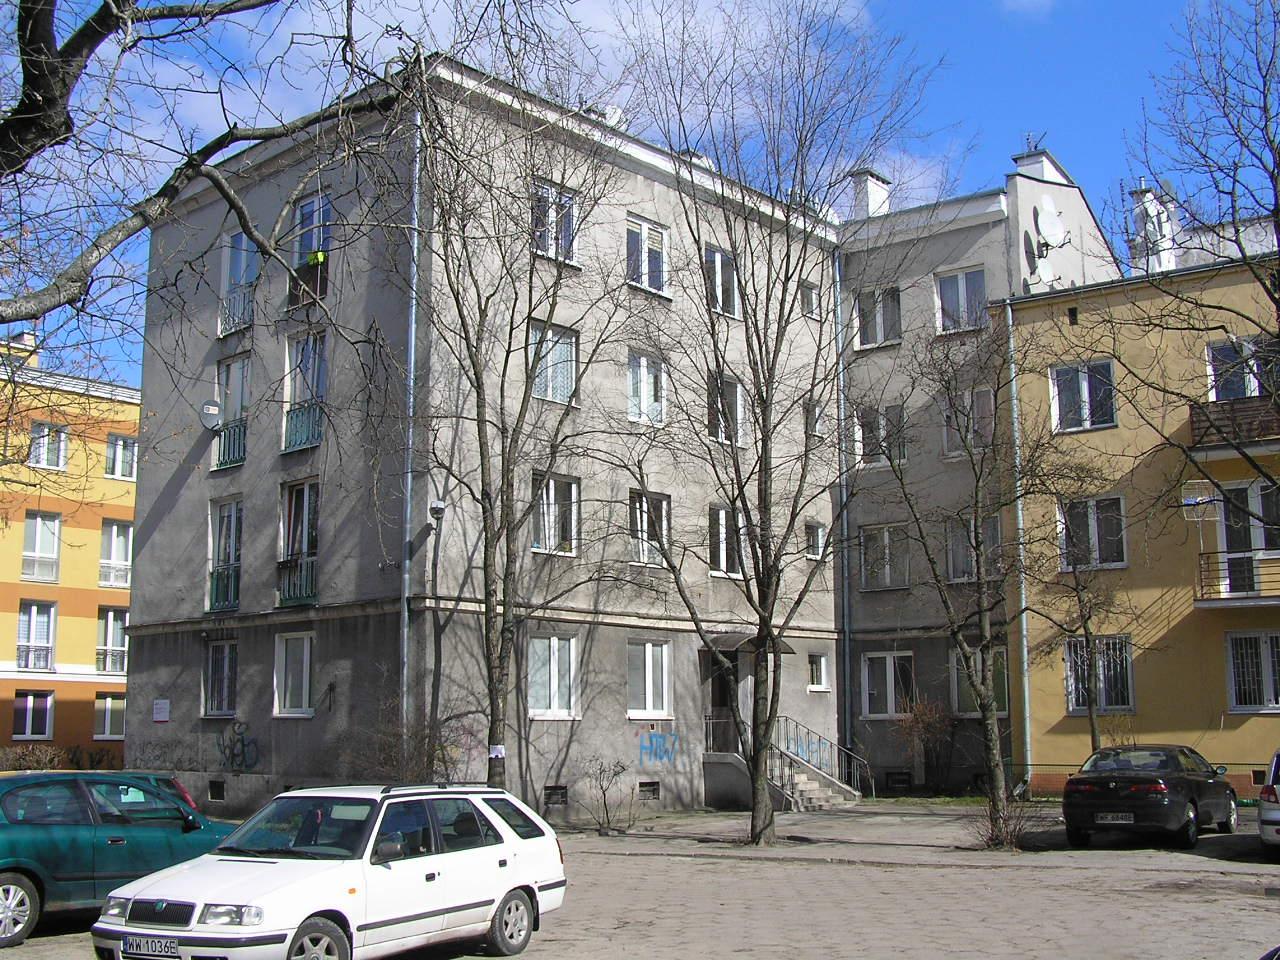 Budynek przy ulicy Rębkowskiej 9 na Grochowie